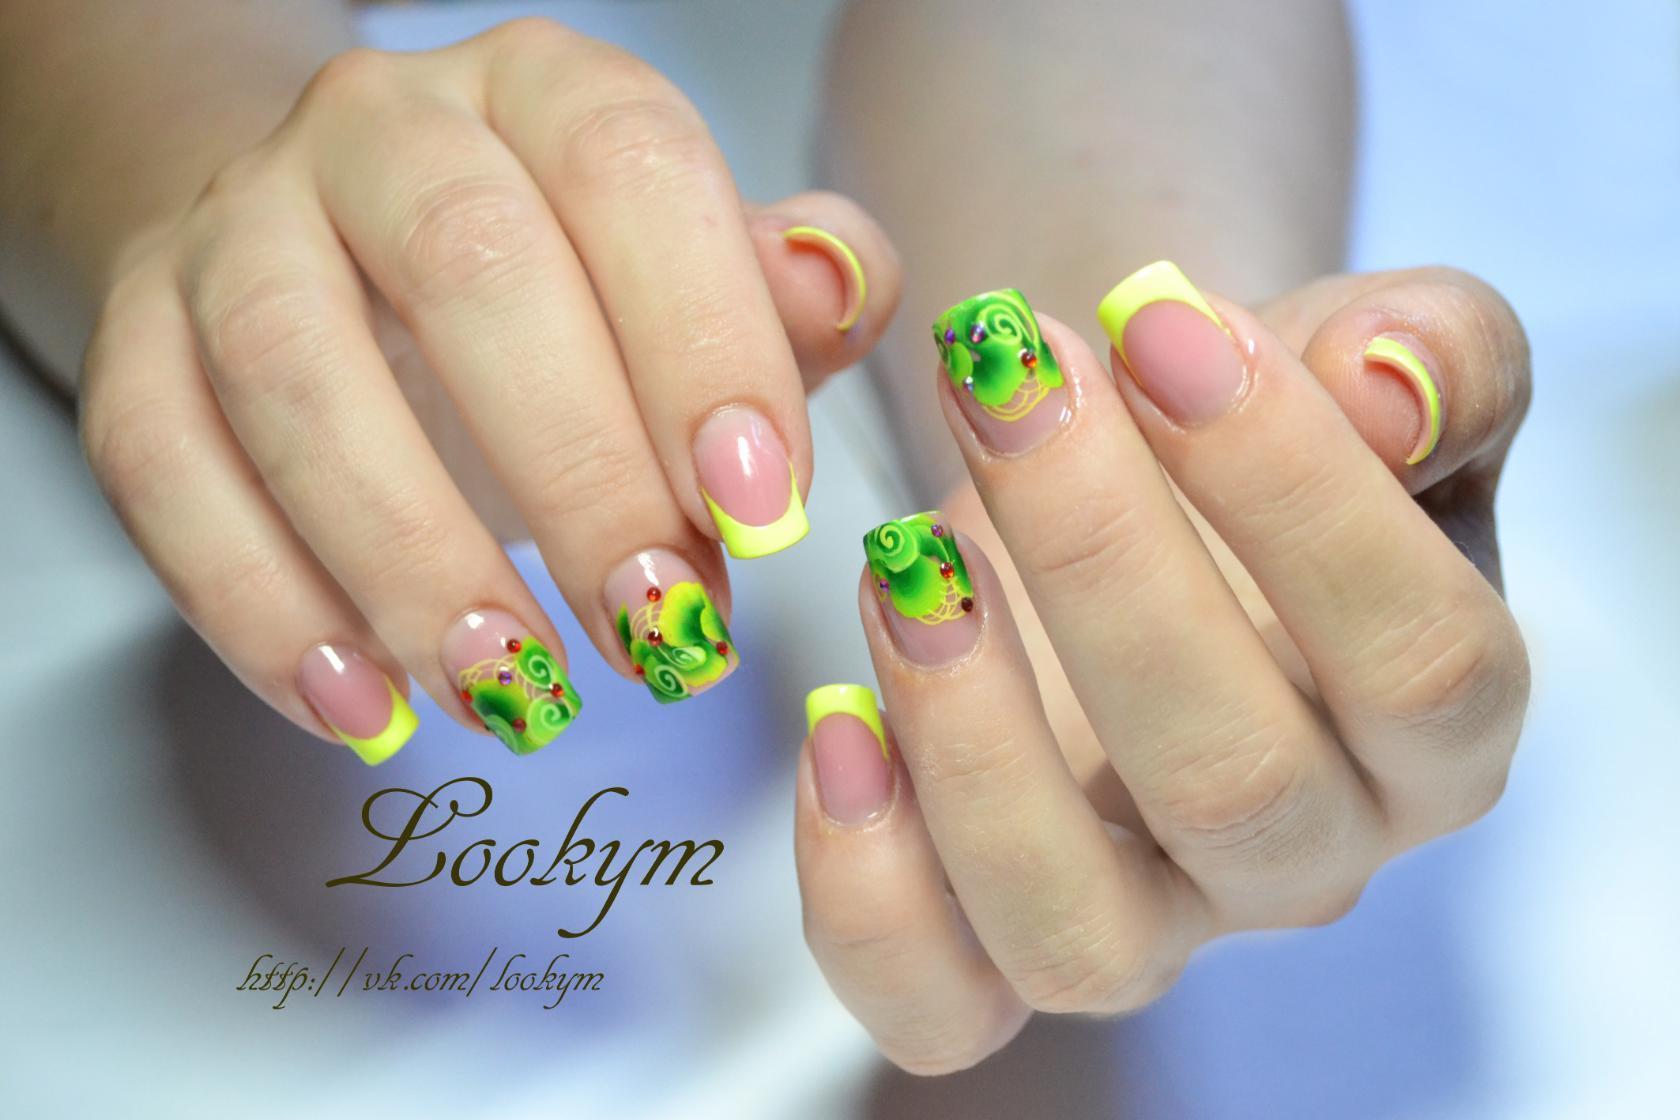 Красивые идеи френча для маникюра Нарощенные ногти френч: 15 фото красивого маникюра